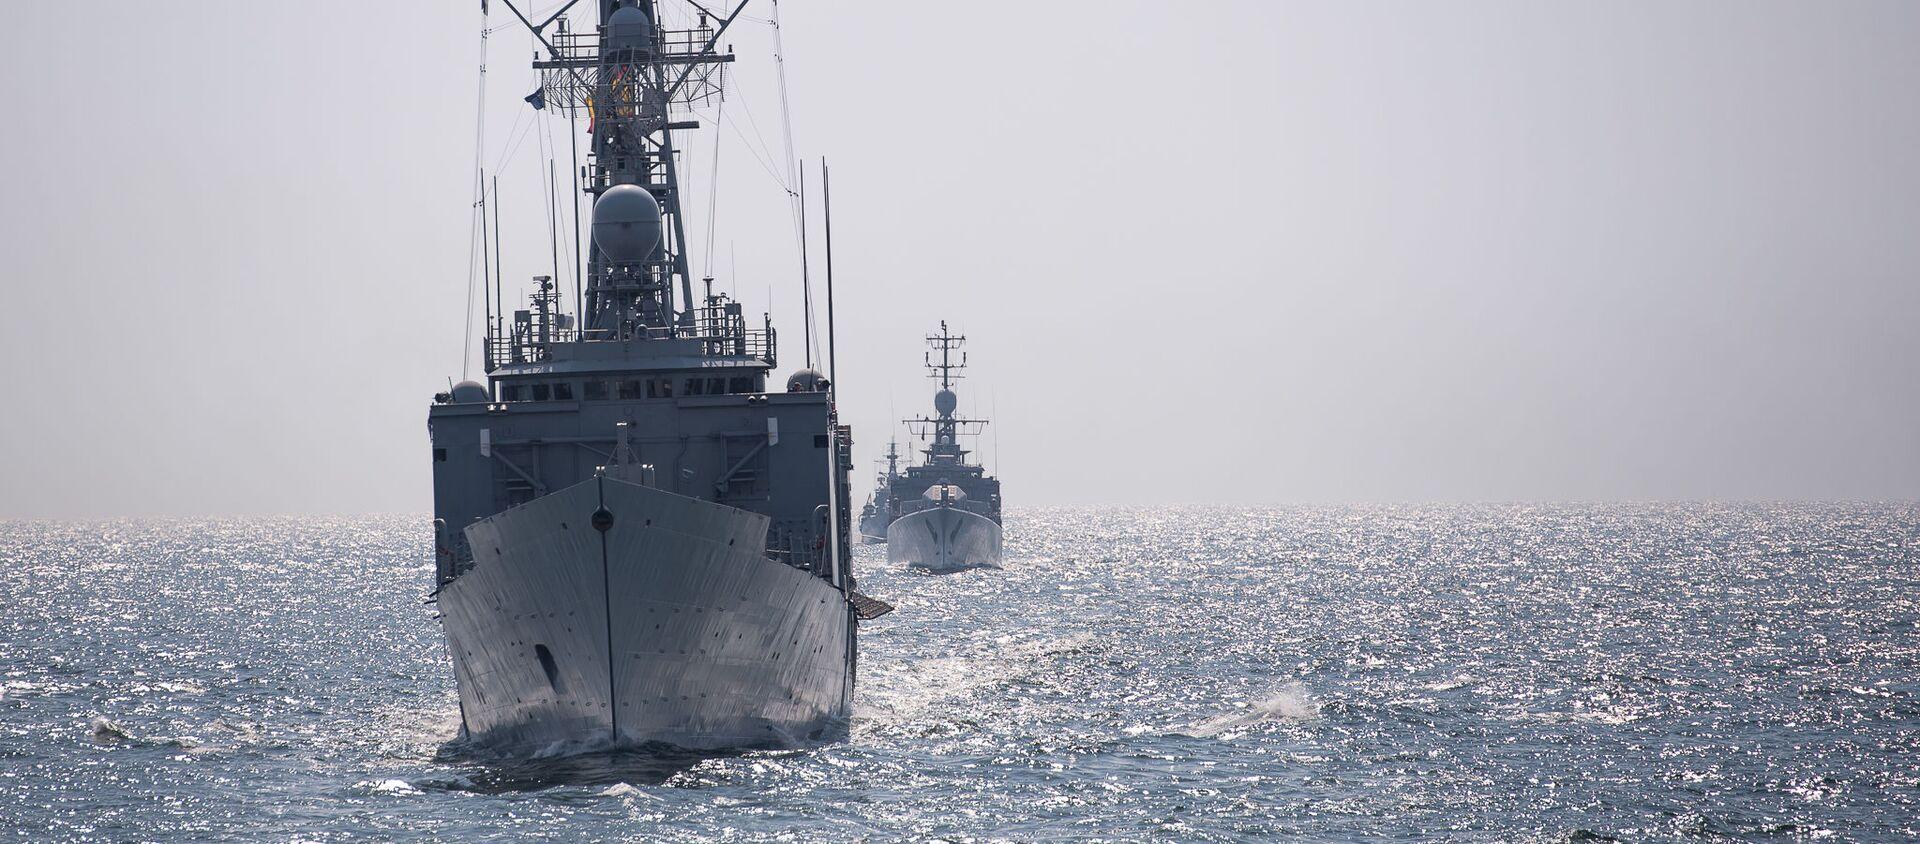 Tàu NATO tiến vào Biển Đen - Sputnik Việt Nam, 1920, 17.03.2021